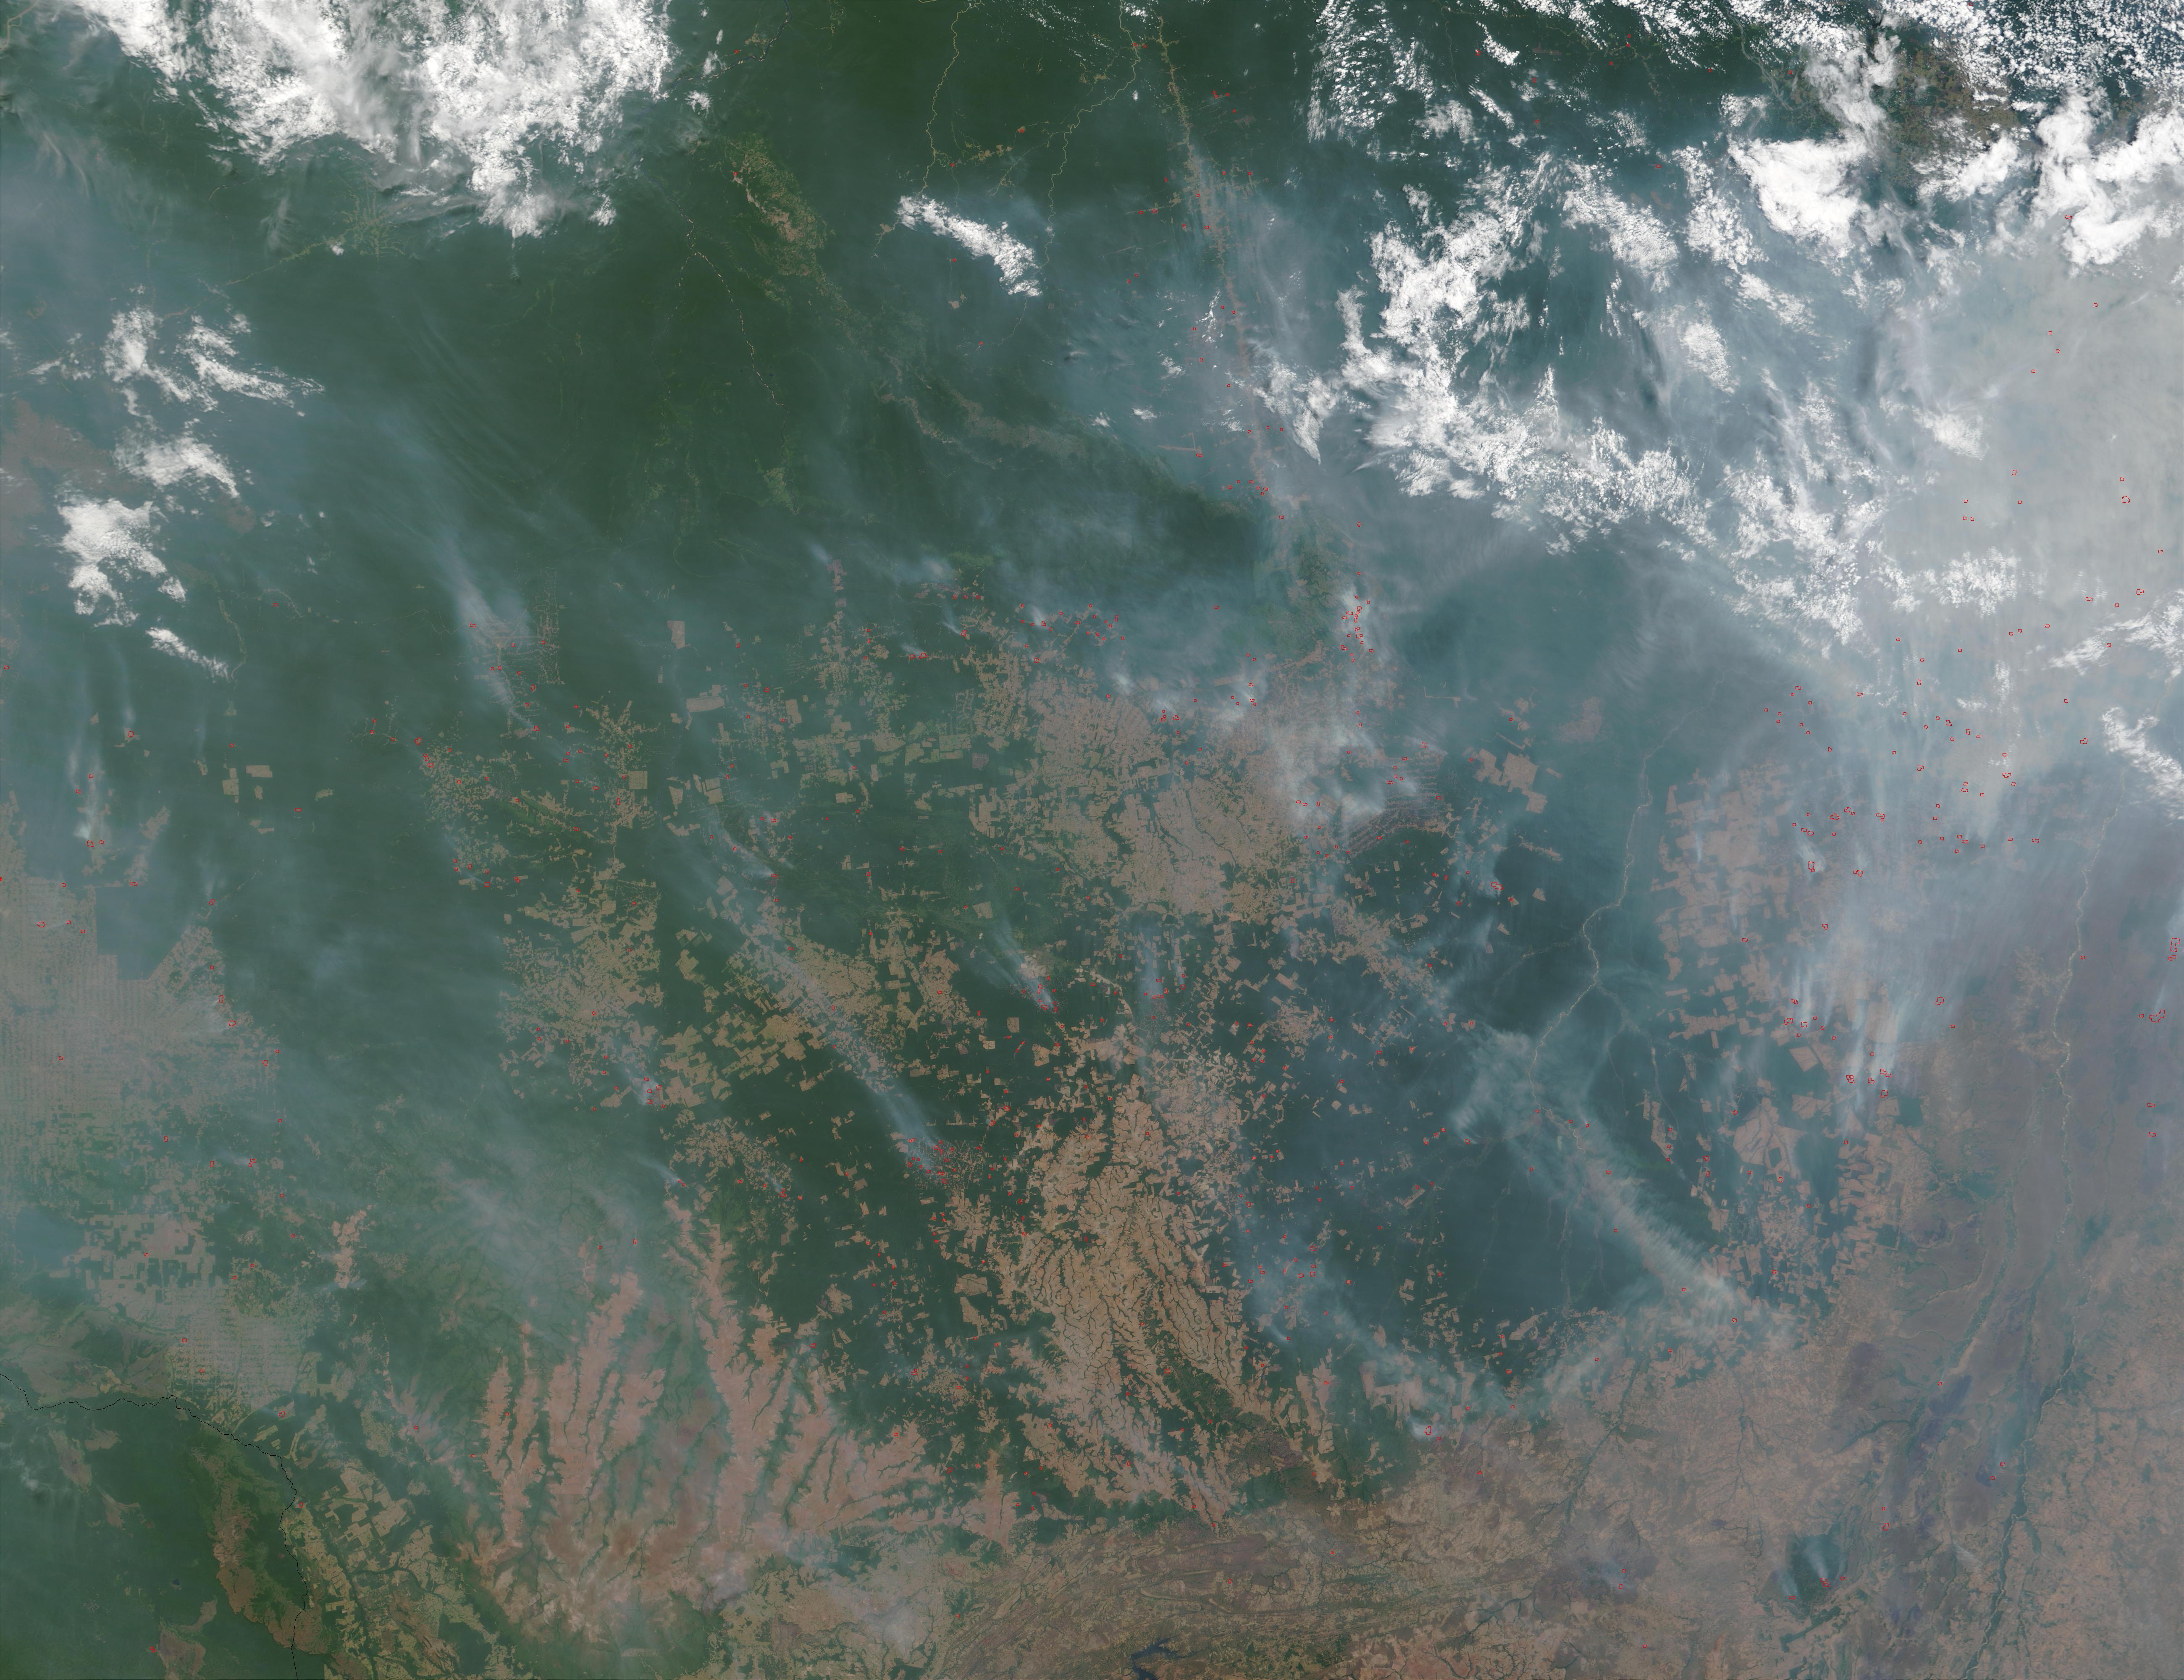 Incendios y humo en Mato Grosso, Brasil